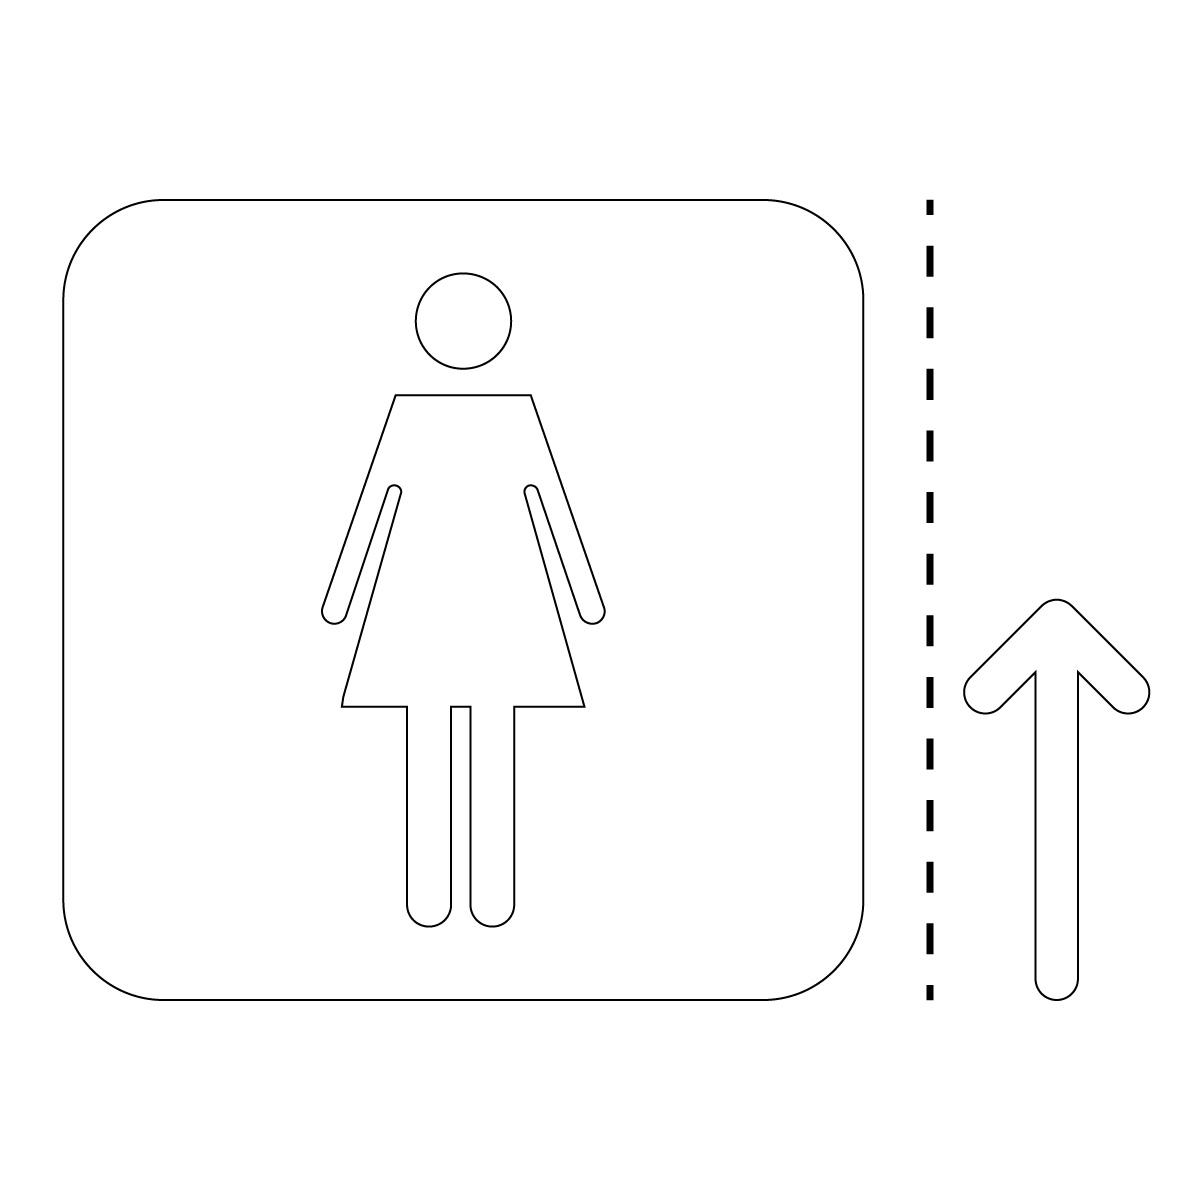 白色の女性トイレ案内マーク(矢印付き)のカッティングステッカー・シール